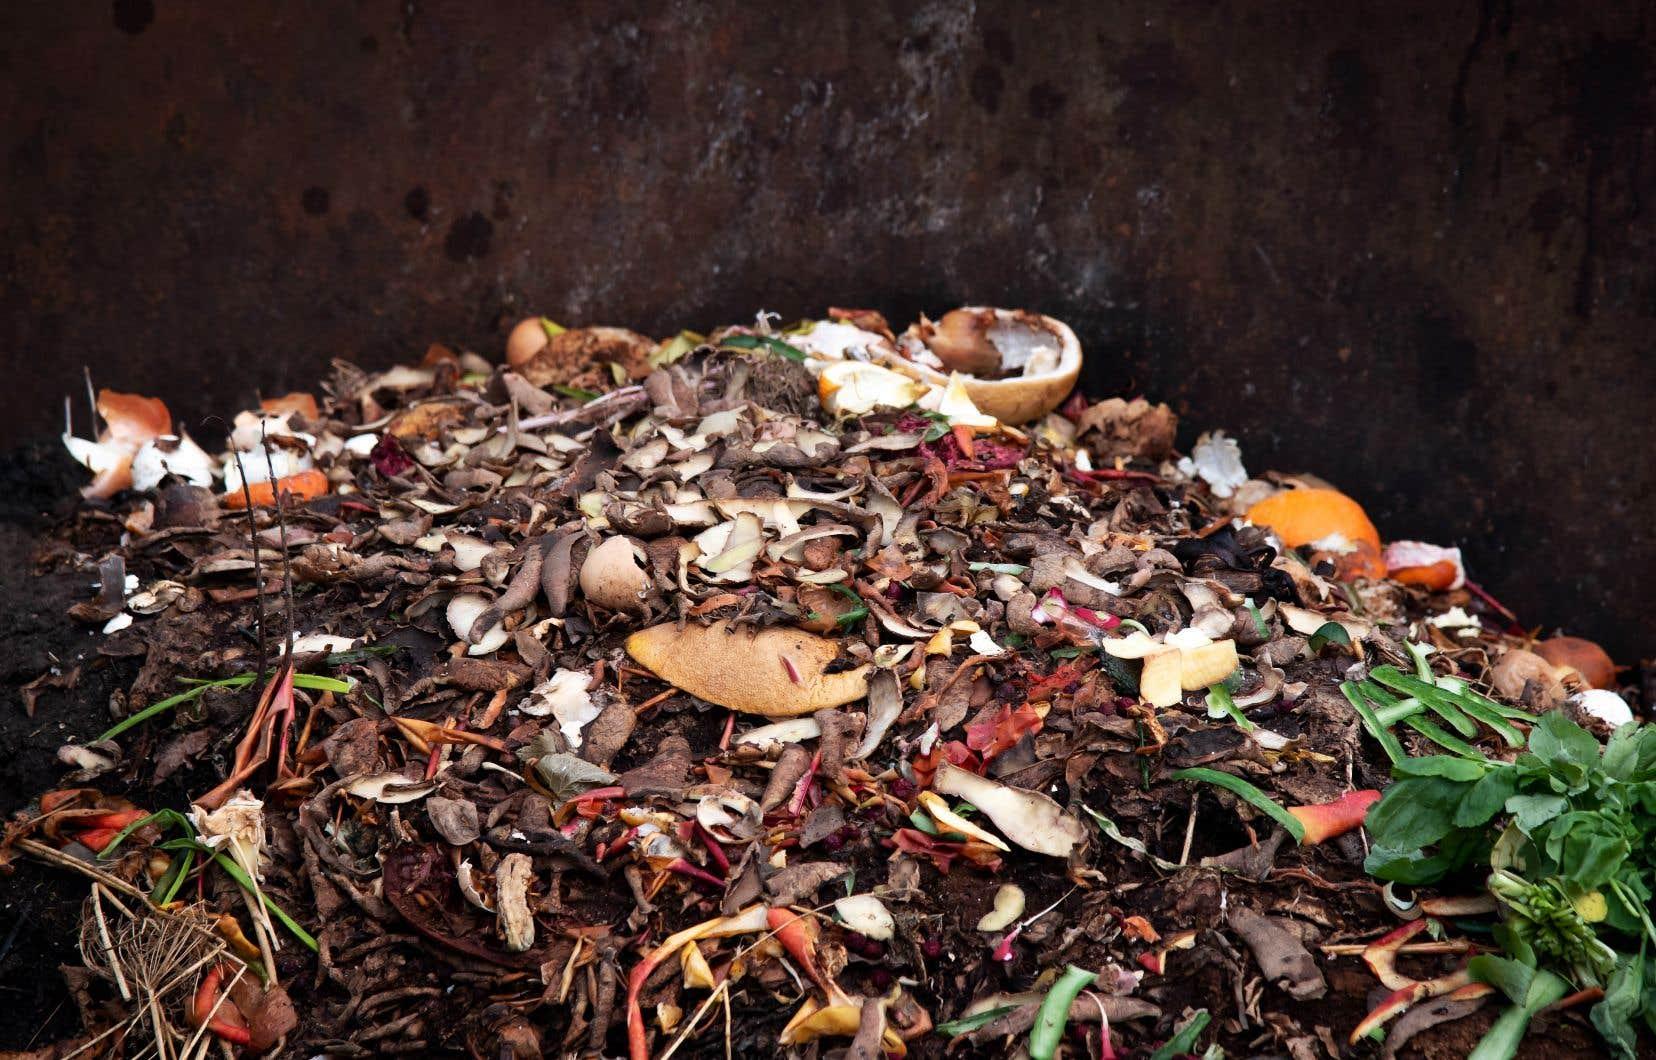 Le composte nourrit les micro-organismes dans le sol, contribuant à la bonne santé des plantes.